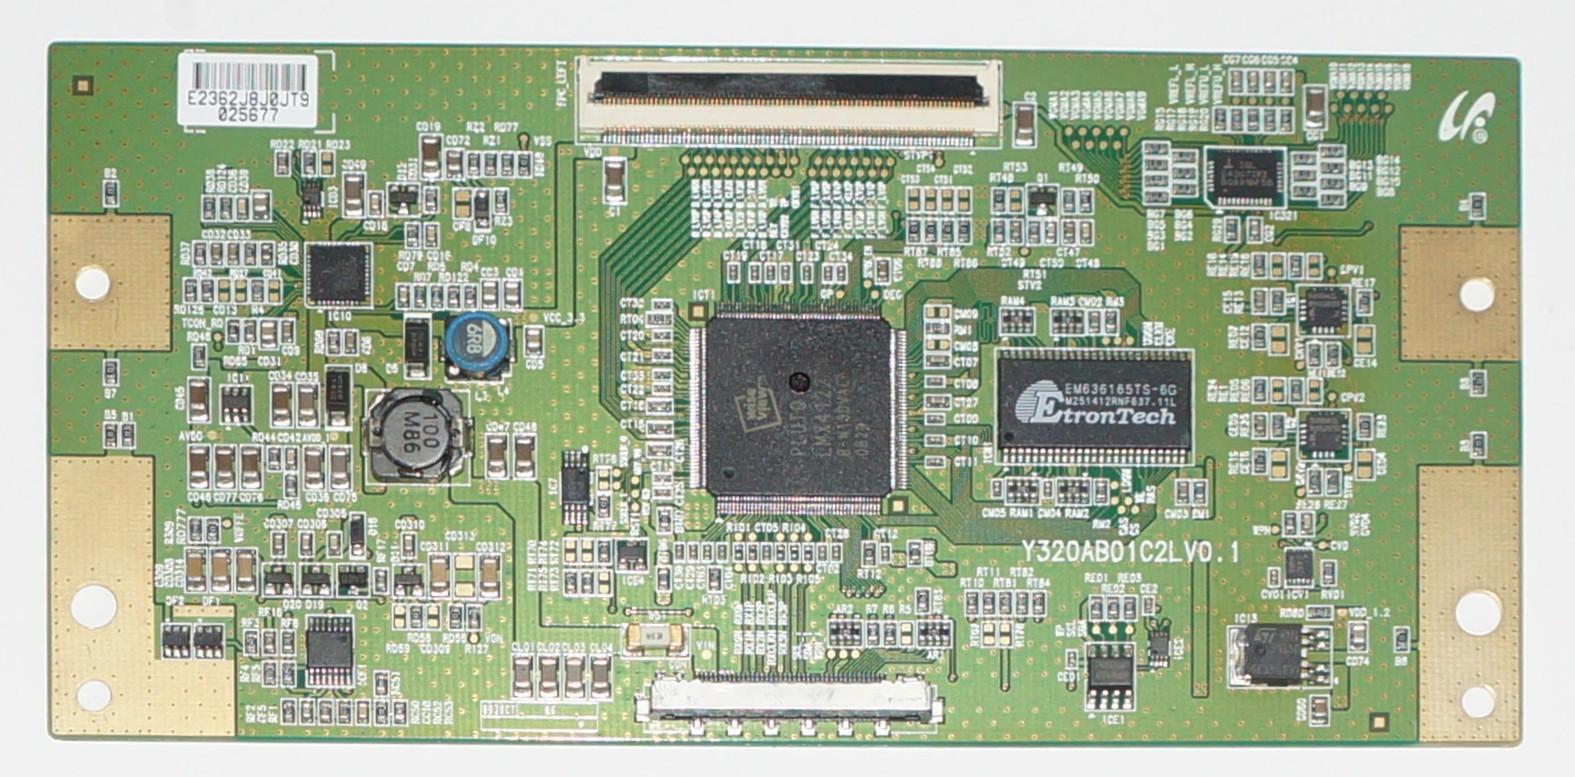 Y320AB01C2LV0.1 t-con